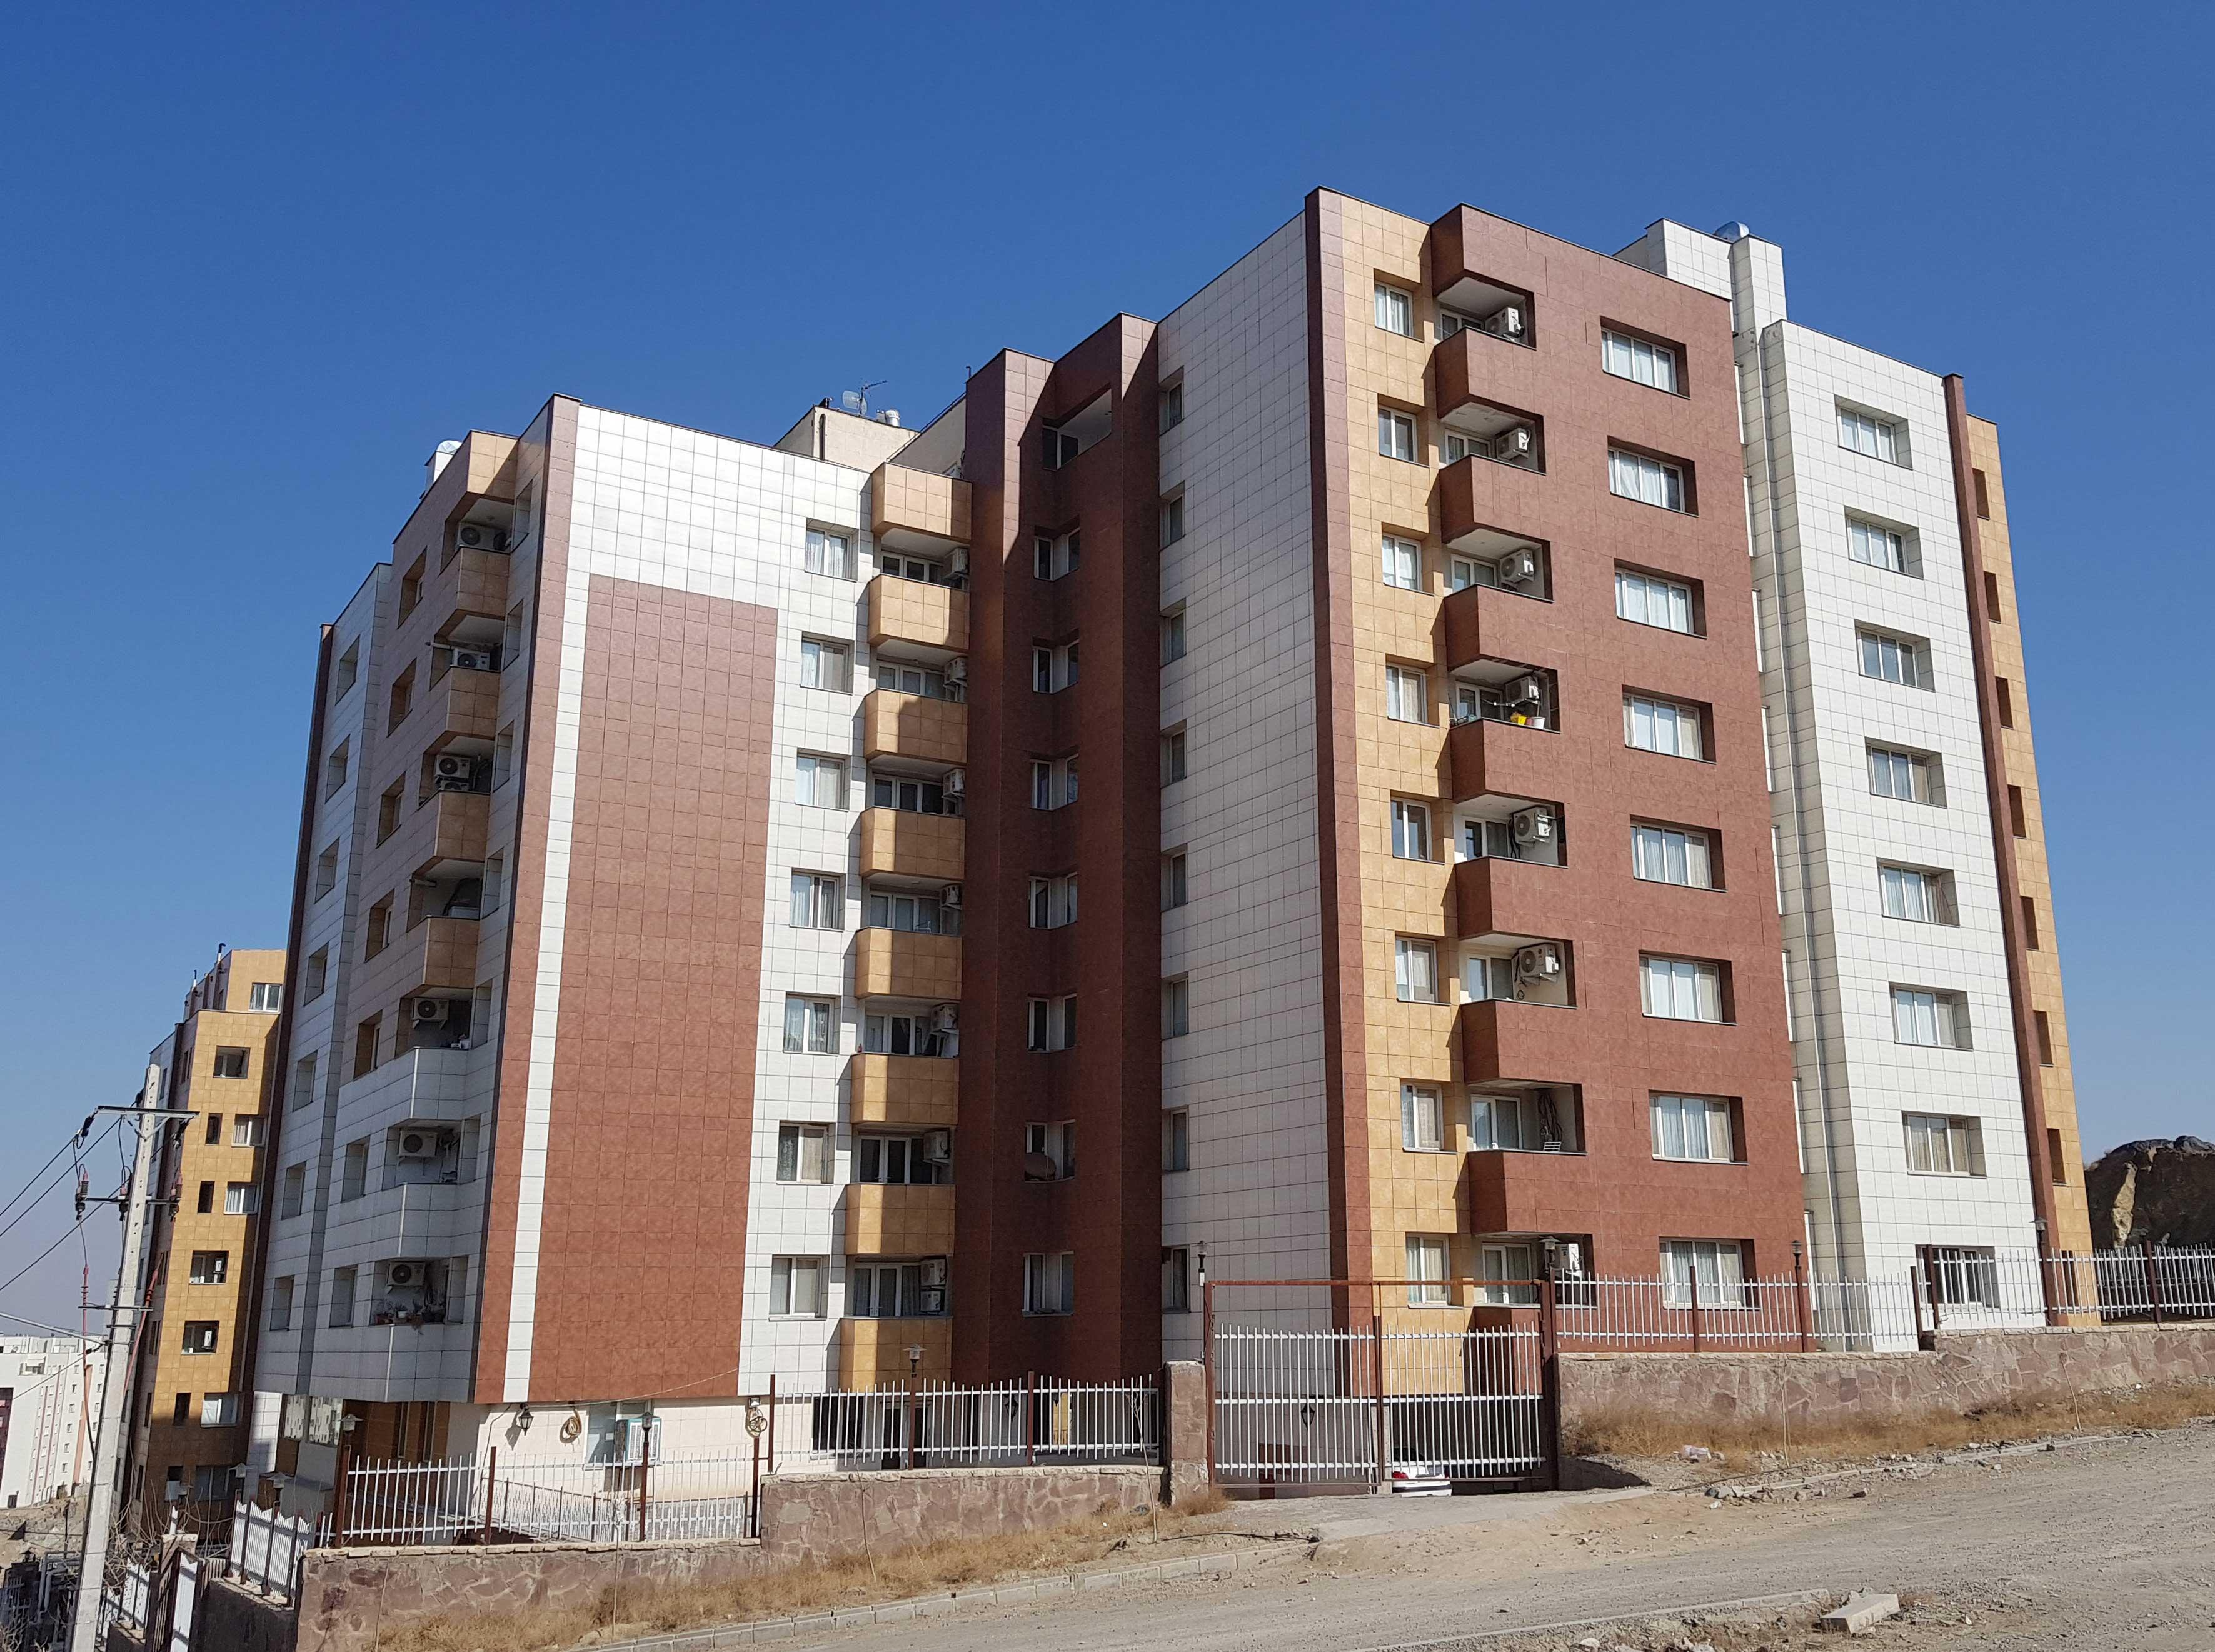 برج های مسکونی بنیاد مشهد